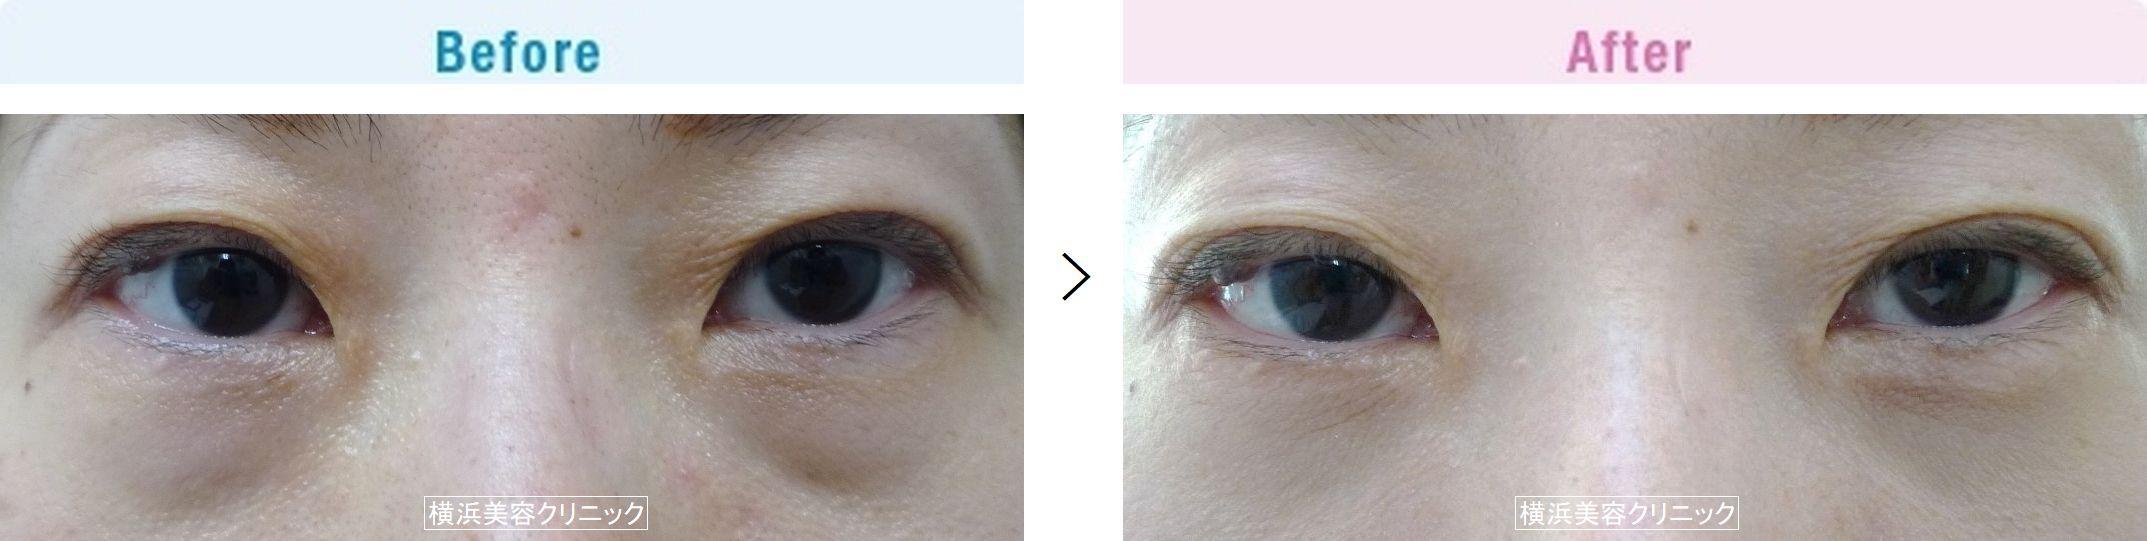 【40代女性】目の下の大きなふくらみも、切らない目の下の脂肪取り(くま取り)で改善します【横浜美容クリニック】